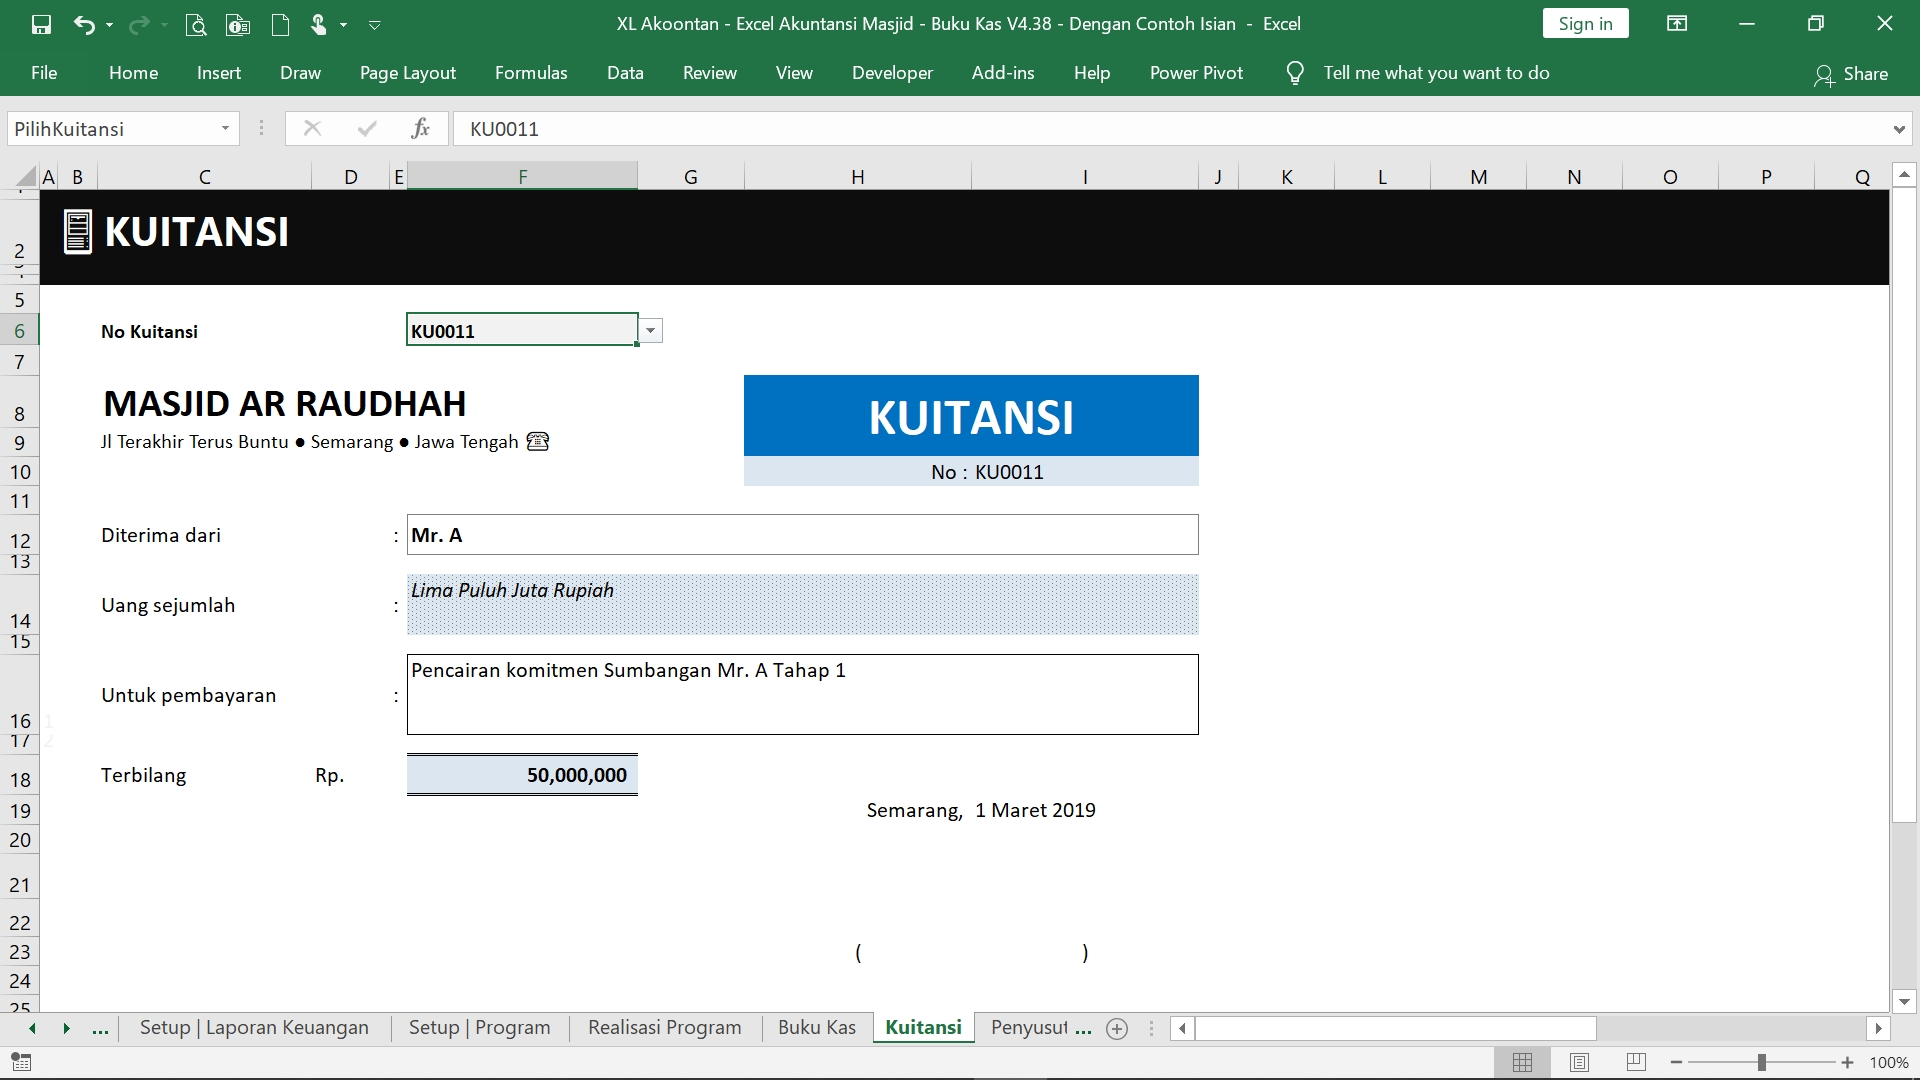 Akuntansi-ID - Excel Akuntansi Masjid - Bukti Kuitansi